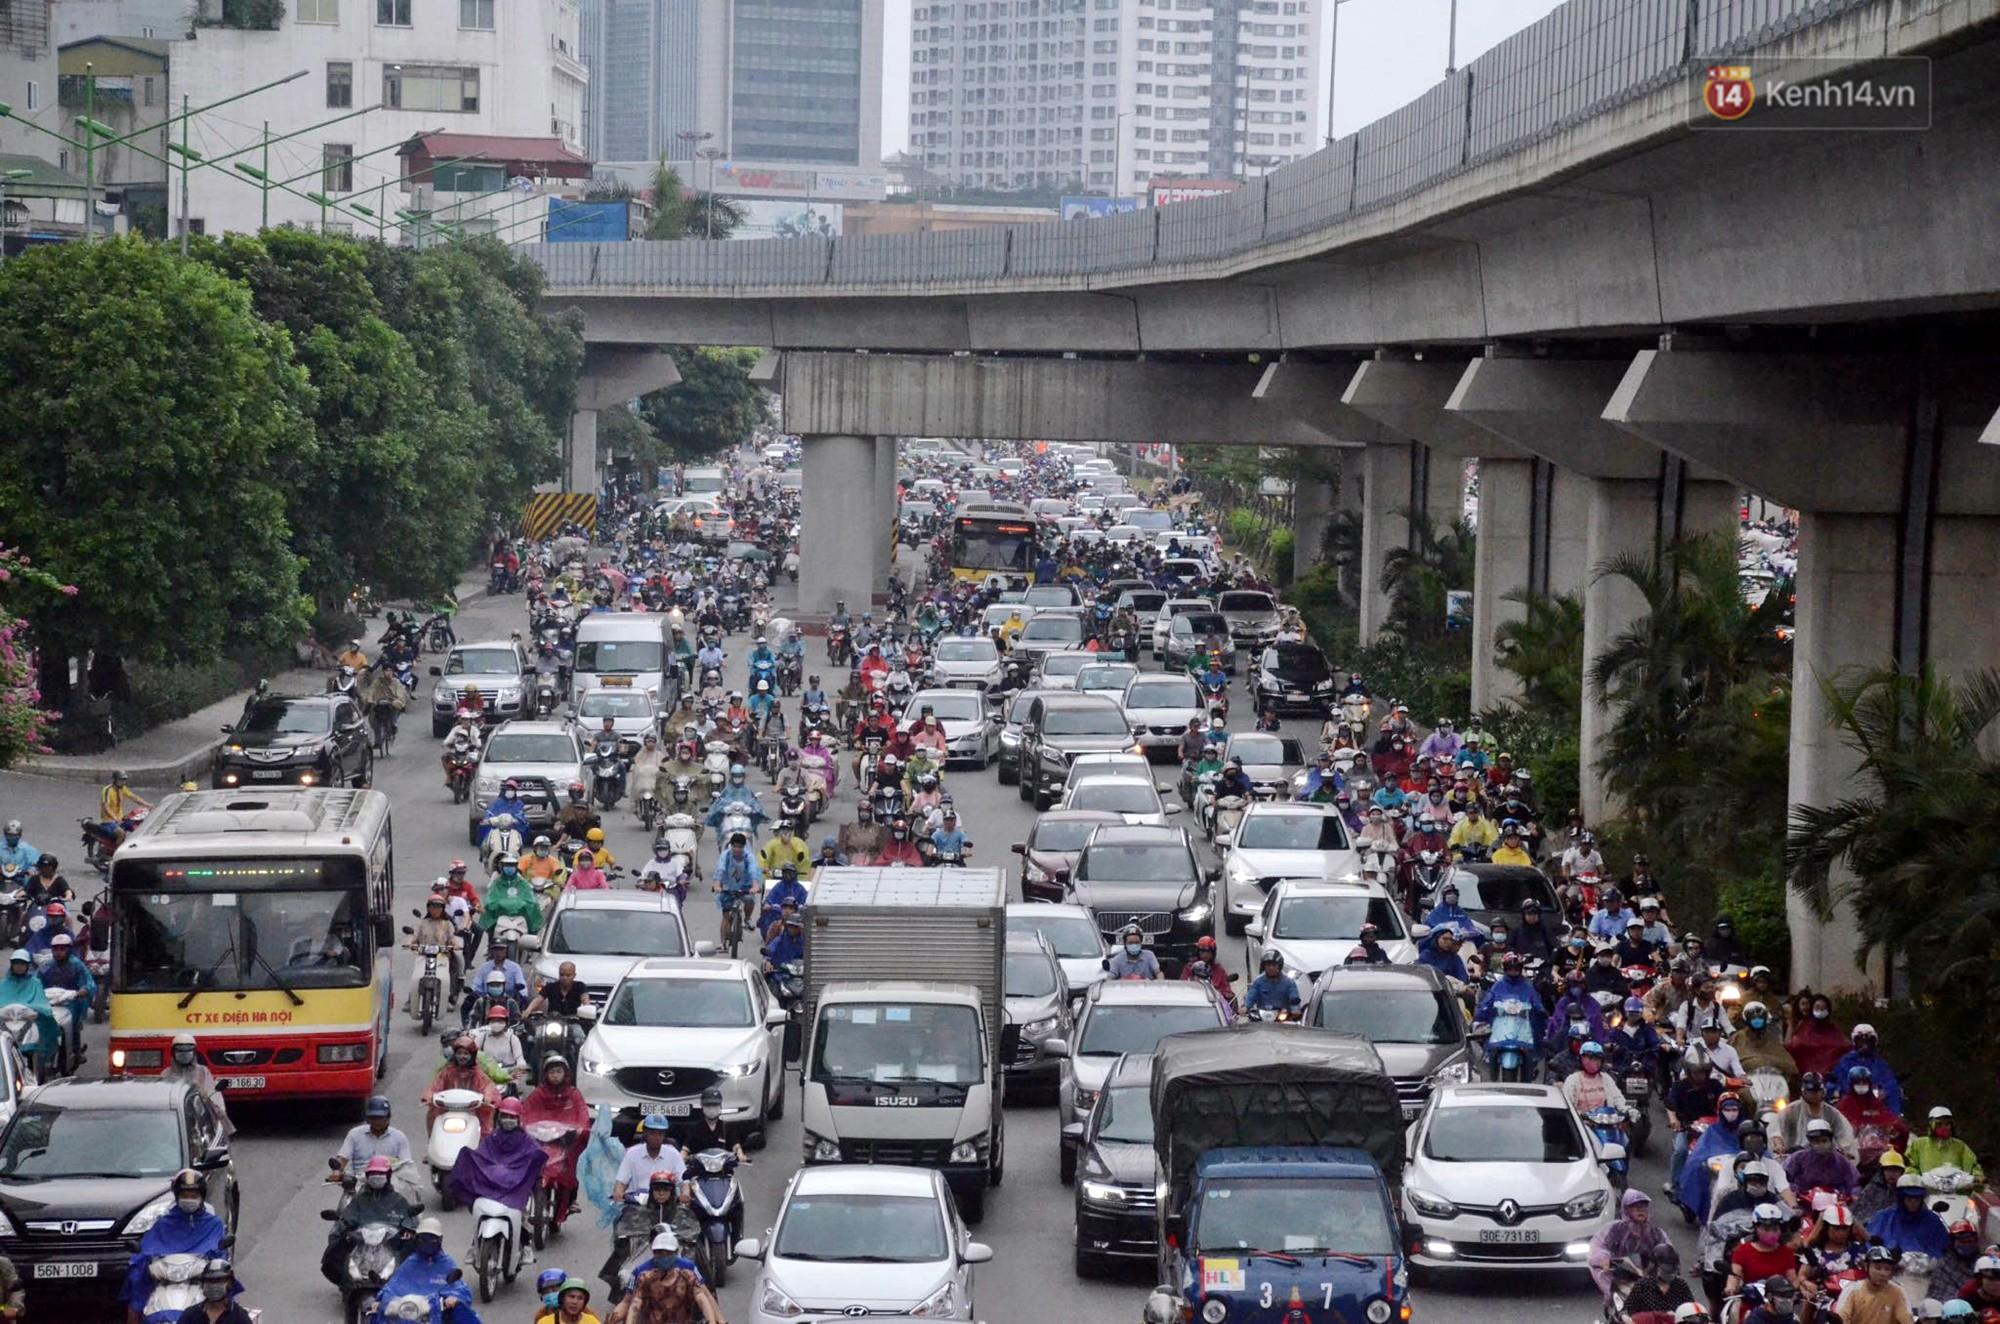 Hà Nội bắt đầu đổ mưa do ảnh hưởng của bão số 2, người dân chật vật lưu thông giờ tan tầm - Ảnh 13.